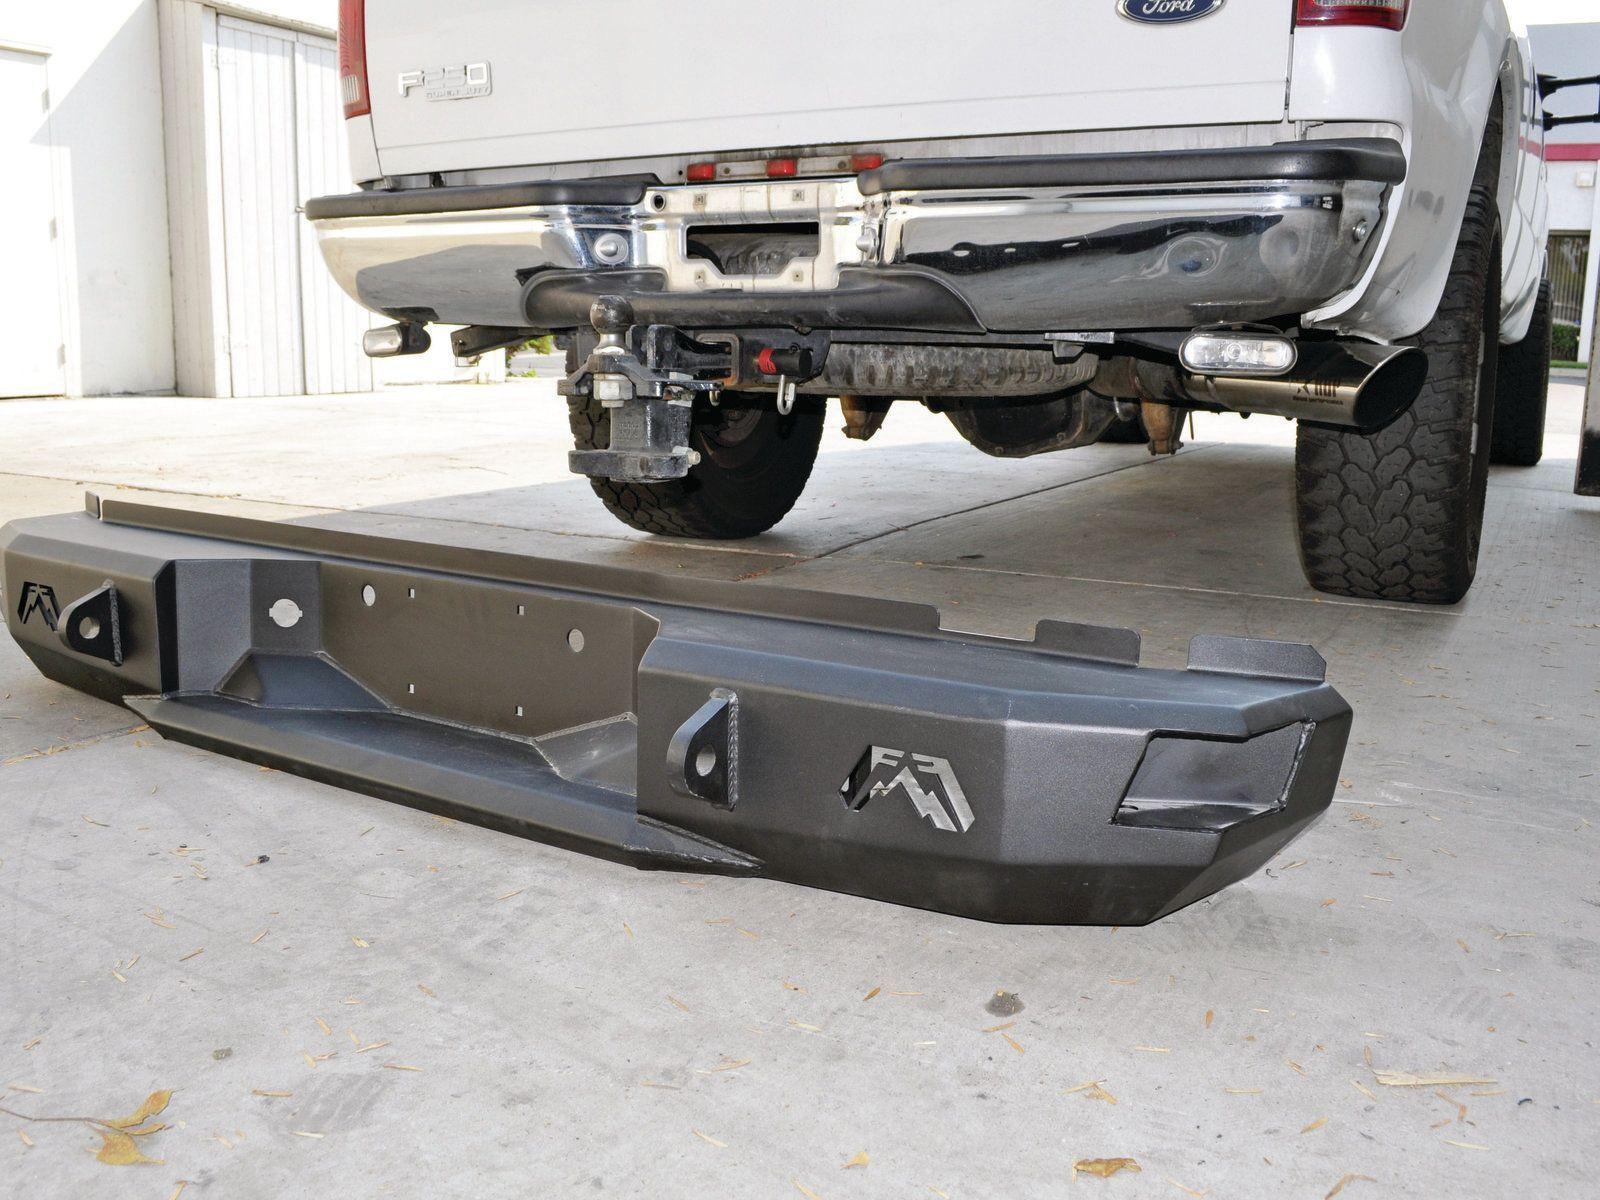 Ford f 250 fab fours heavy duty bumpers install rear bumper jpg 1 600 1 200 pixels truck pinterest